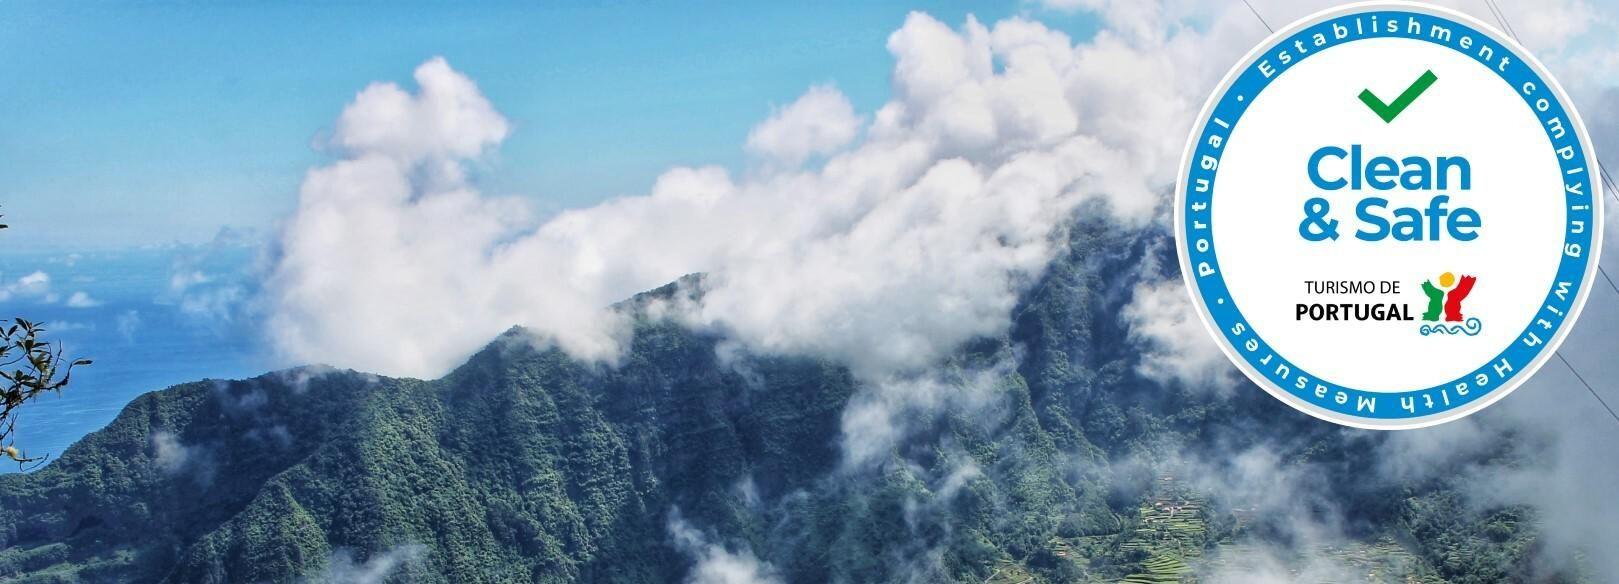 Tour de Sabores e Aromas Santana do Funchal